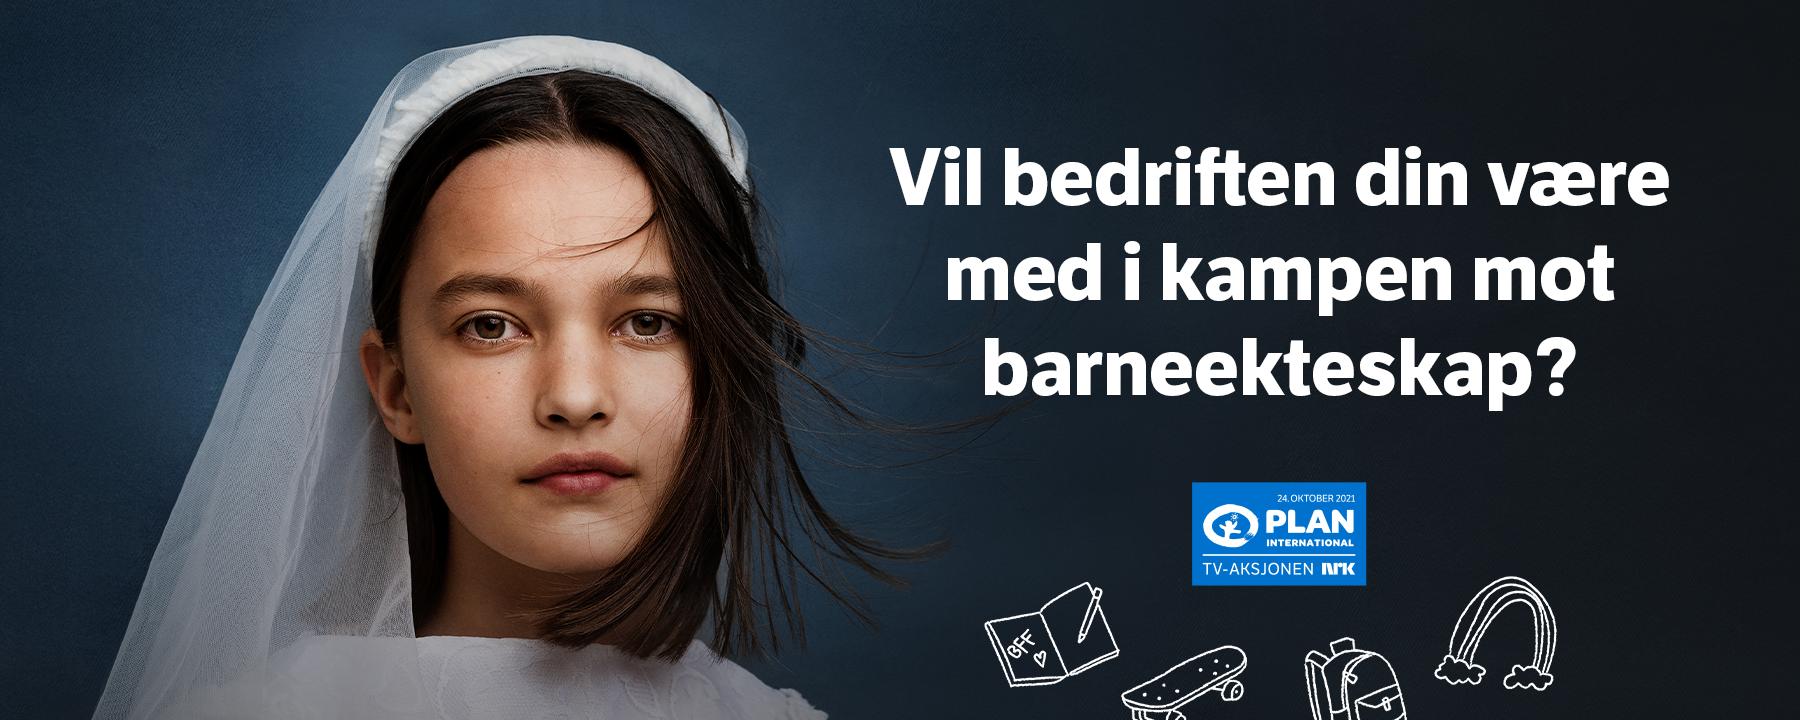 Bilde av en barnebrud med teksten «Vil bedriften din være med i kampen mot barneekteskap?» og Plan International logo.